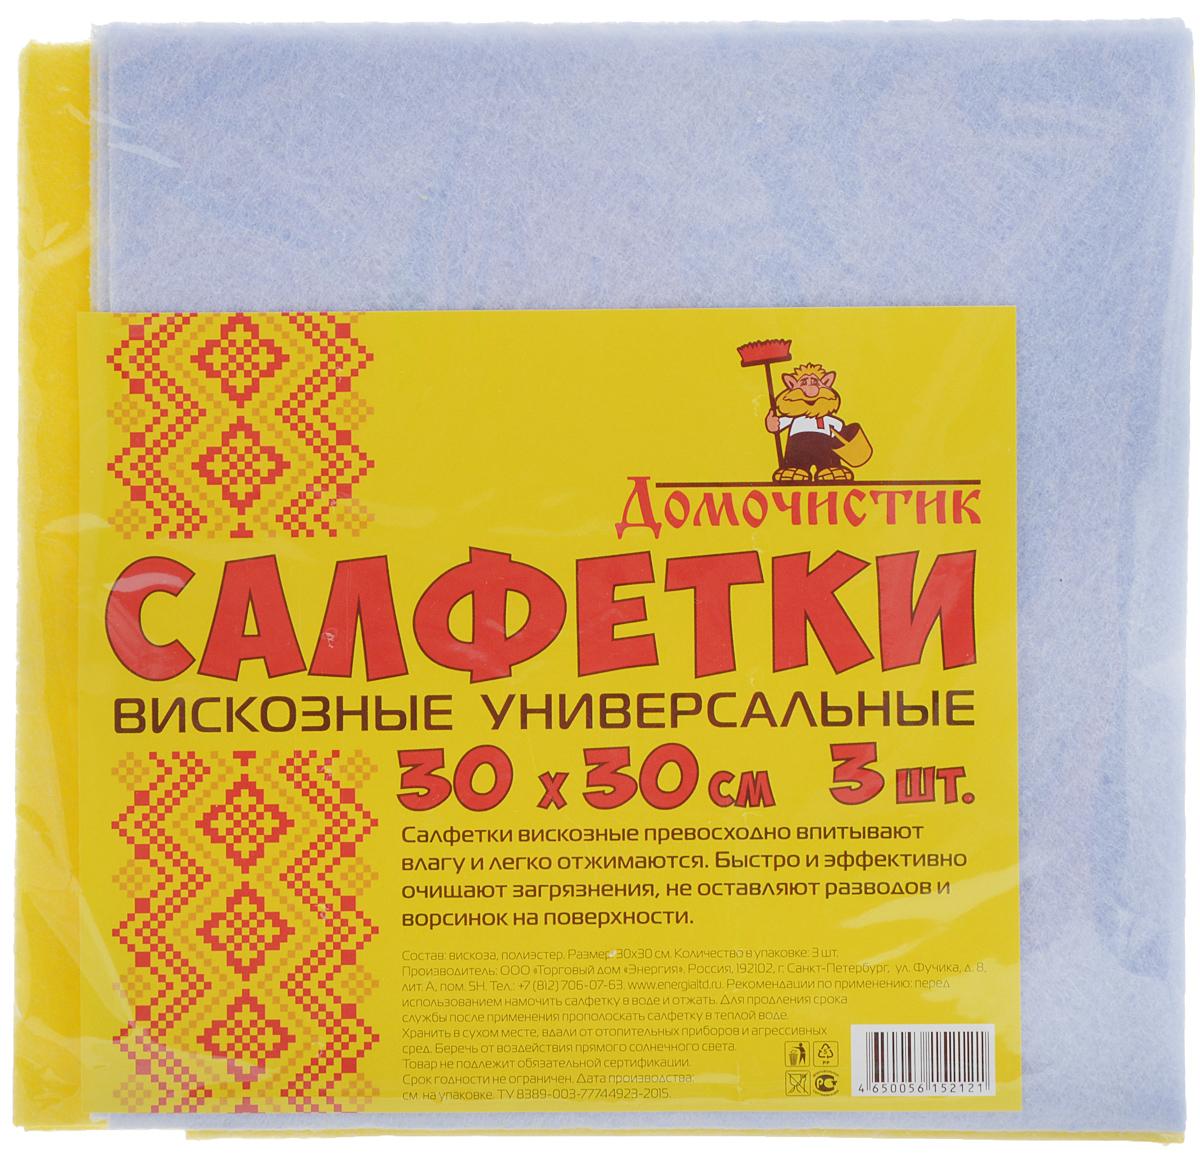 Салфетка для уборки Домочистик из вискозы, универсальная, цвет: желтый, голубой, 30 x 30 см, 3 шт сиденье для купания полимербыт 30 30 19 3 см